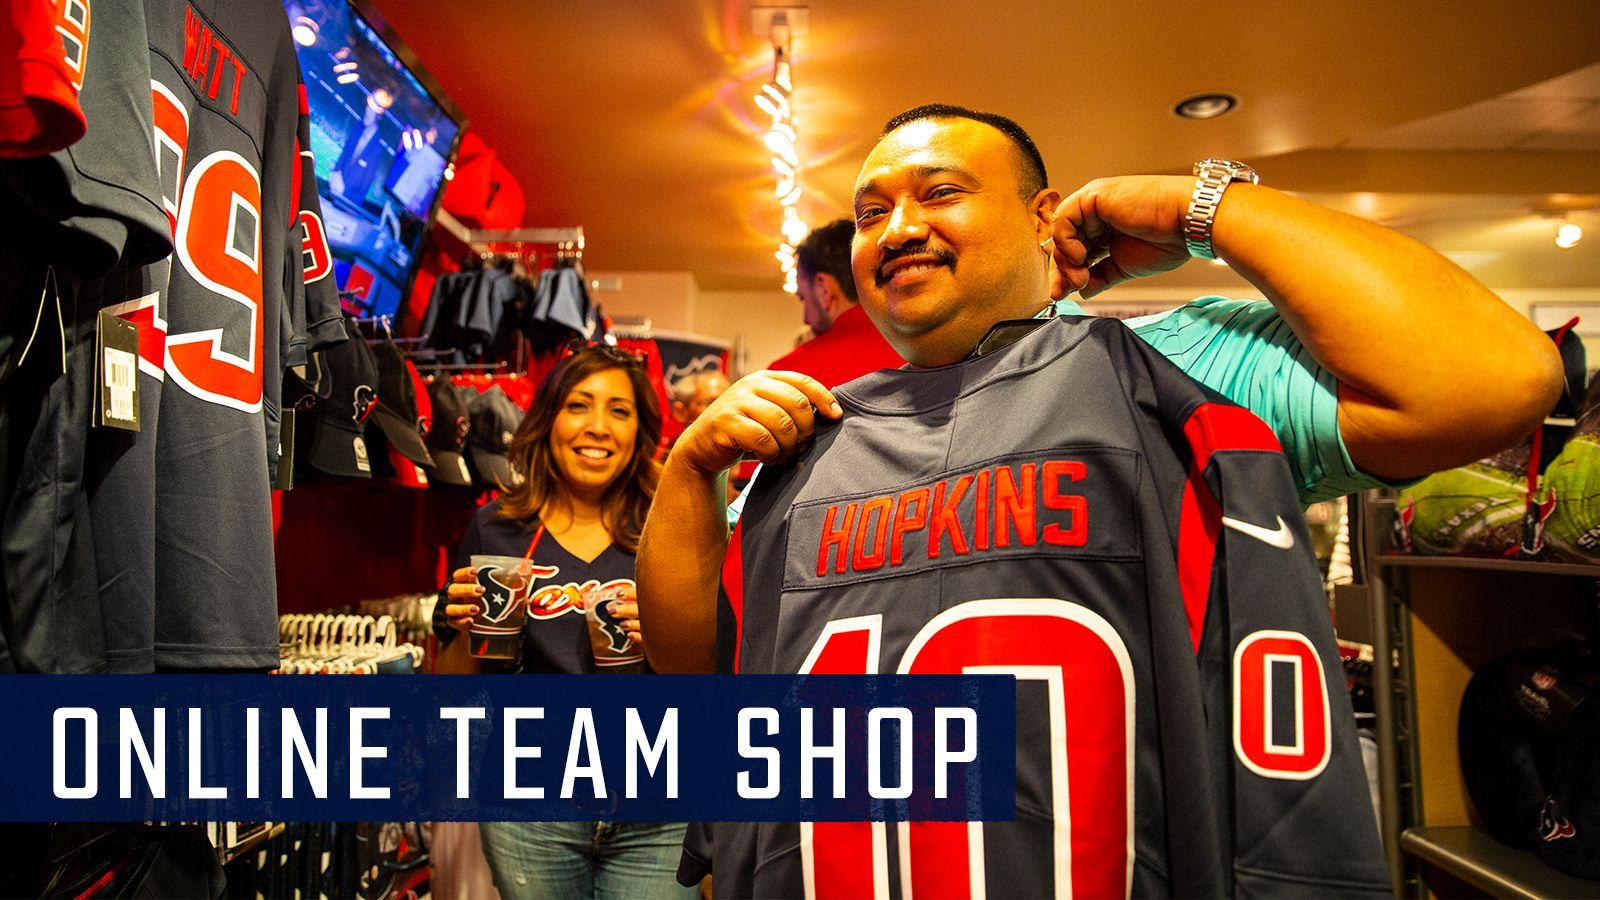 Online Team Shop